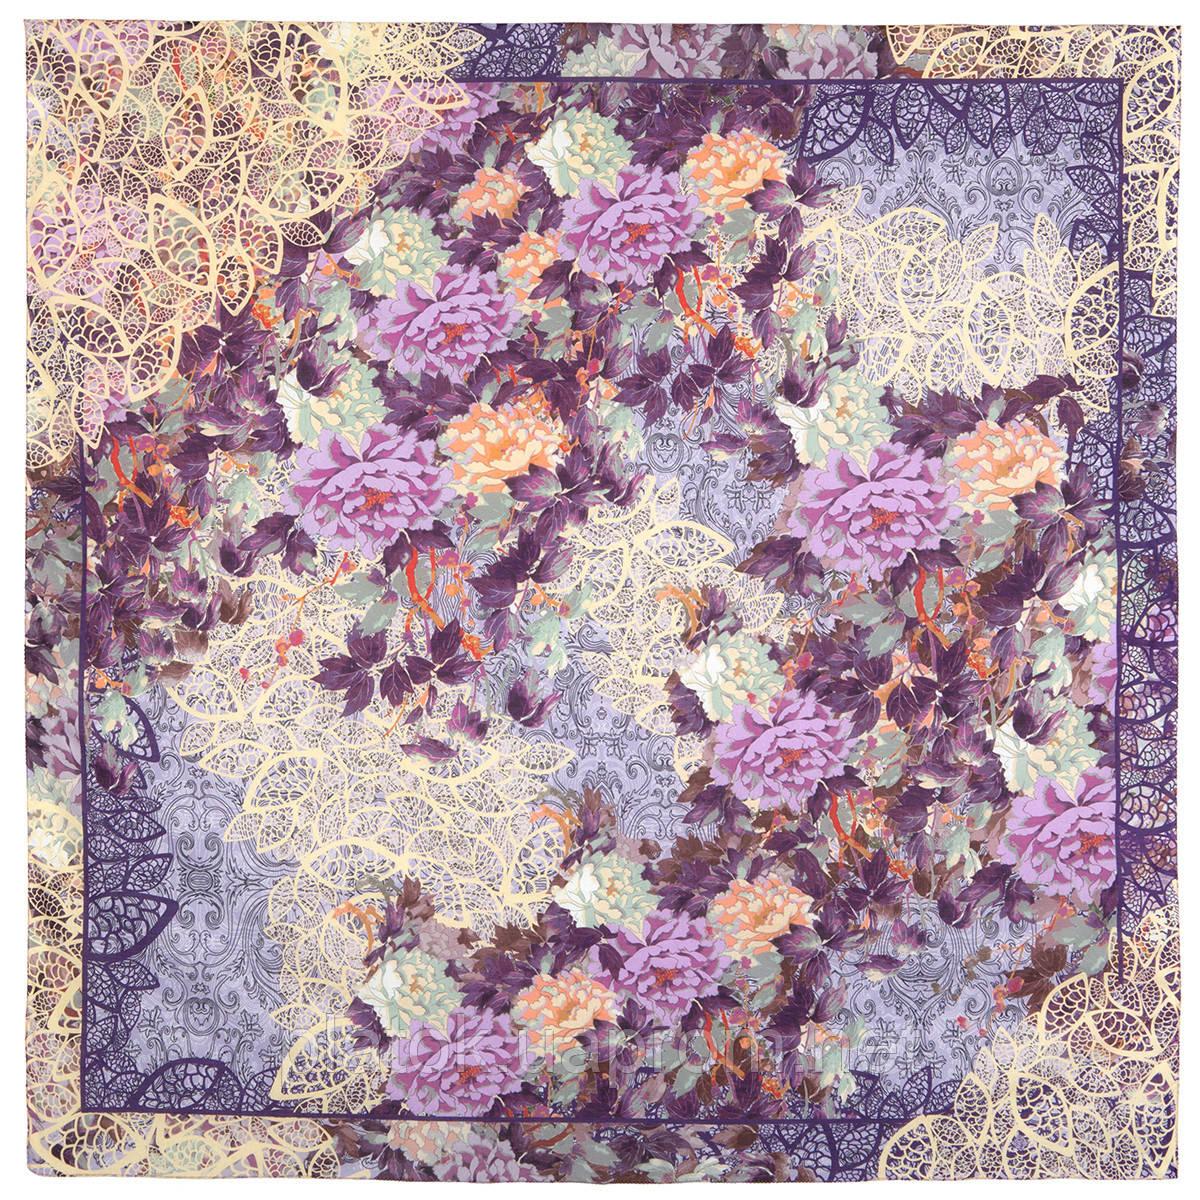 Платок хлопковый 10309-15, павлопосадский платок хлопковый (батистовый) с швом зиг-заг